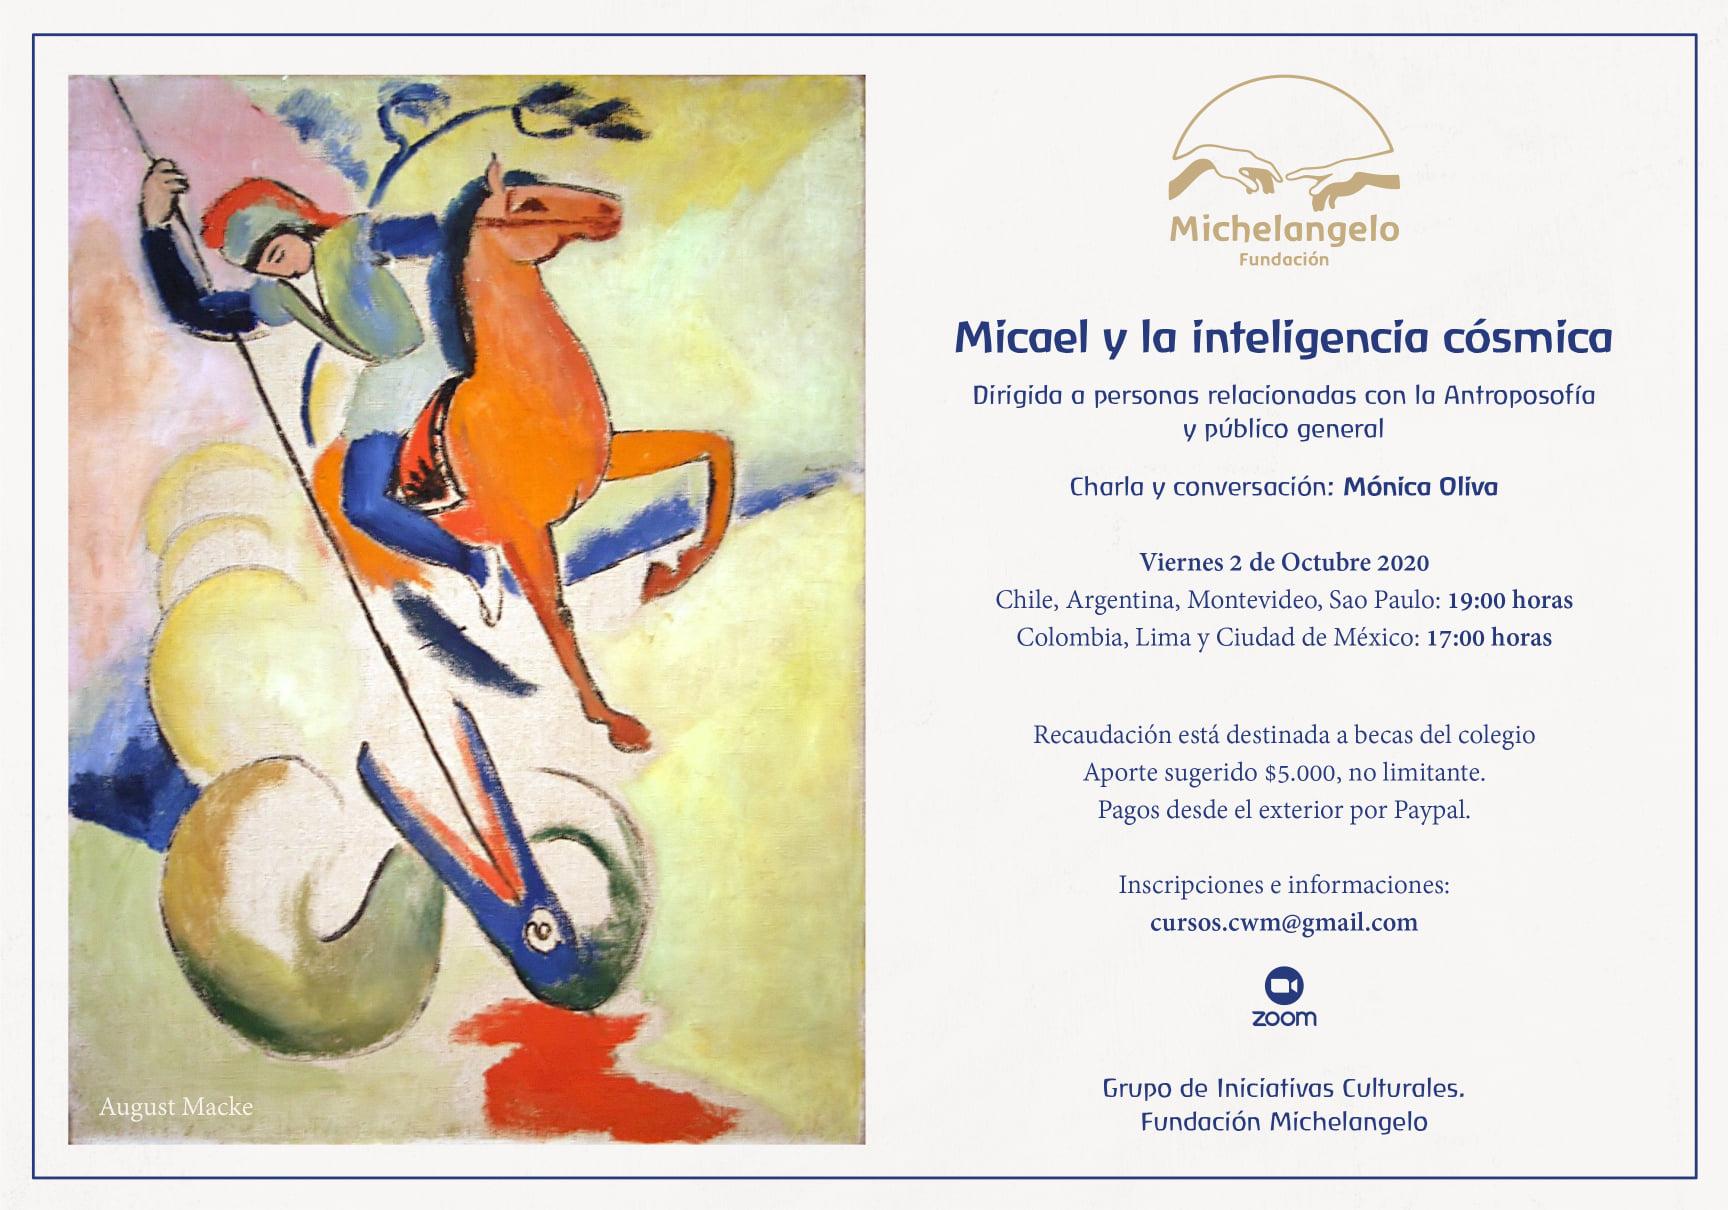 Micael y la inteligencia cósmica